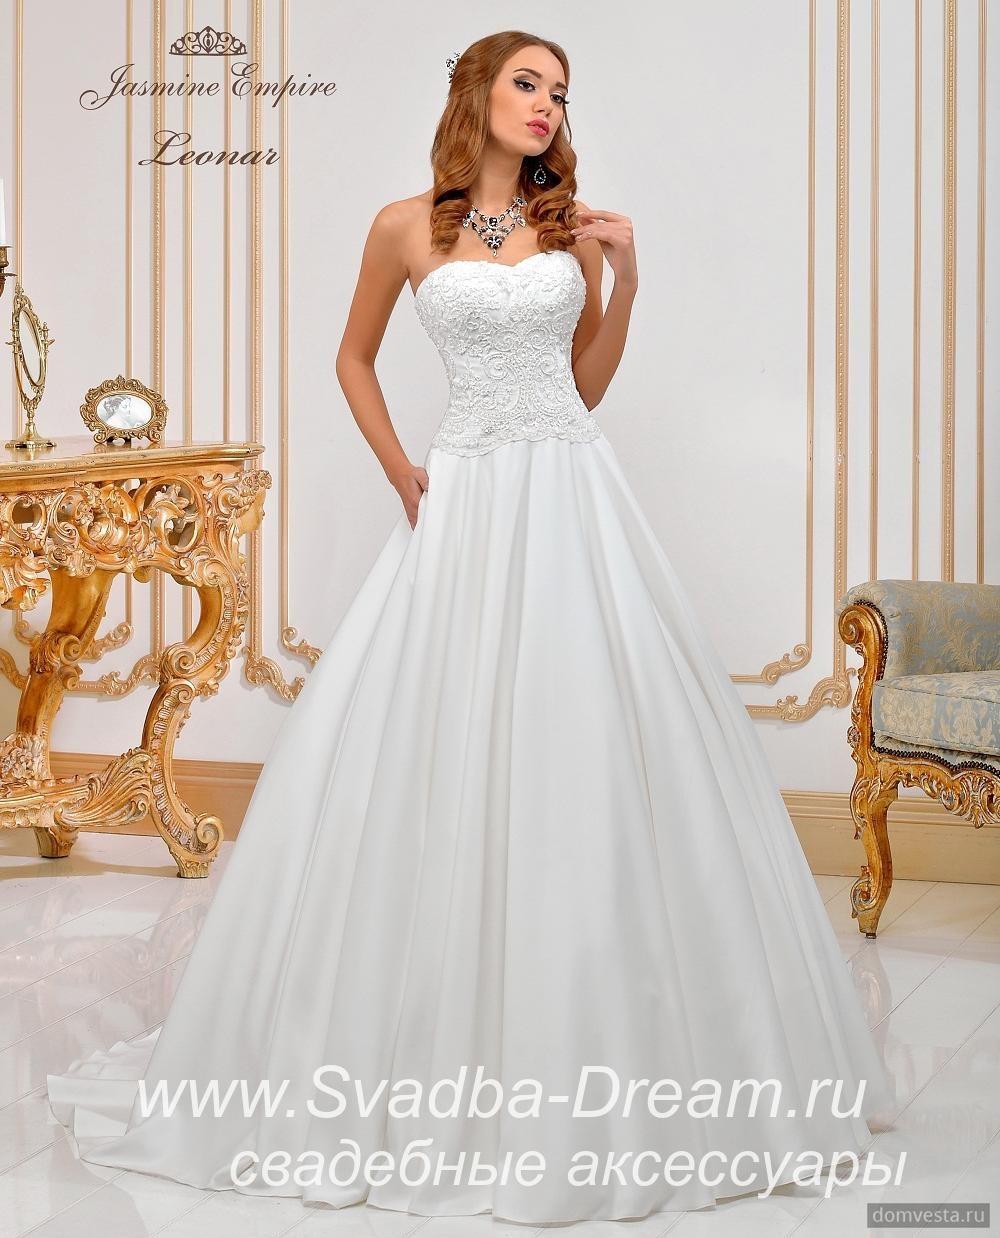 1d9ac545f00 Свадебное платье открытое айвори из атласа и кружева Jasmine Empire